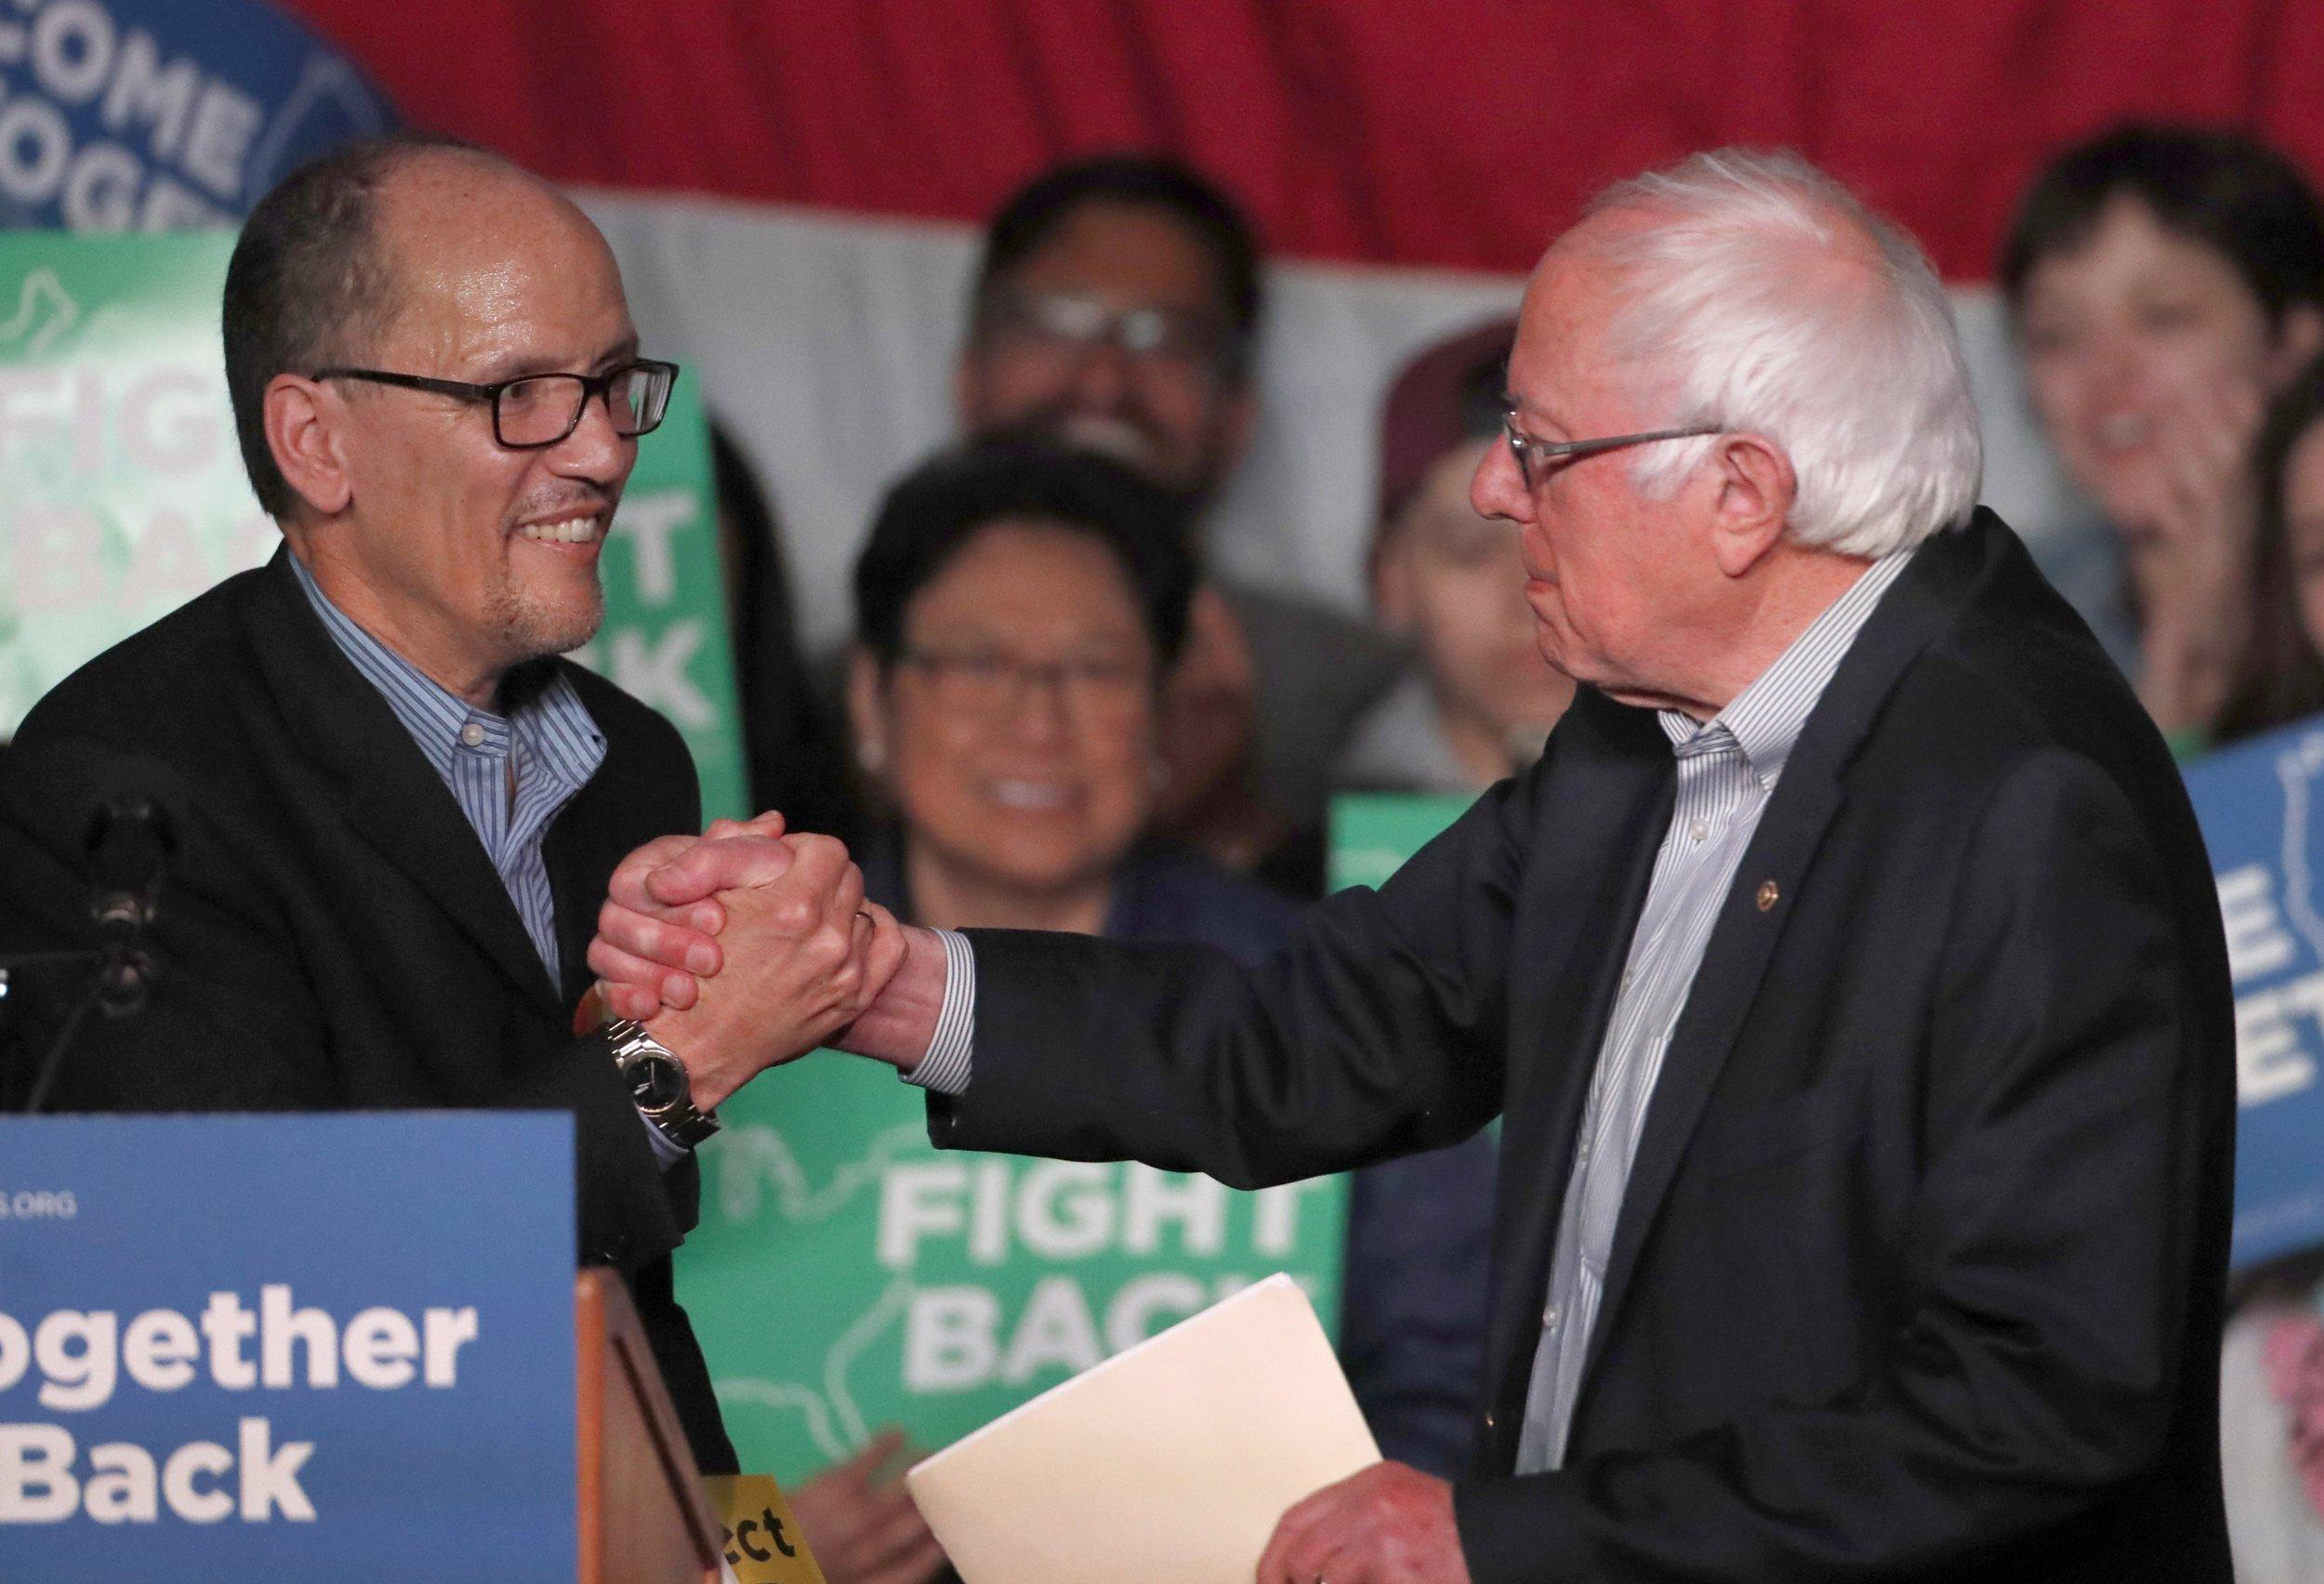 Tom Perez, Bernie Sanders